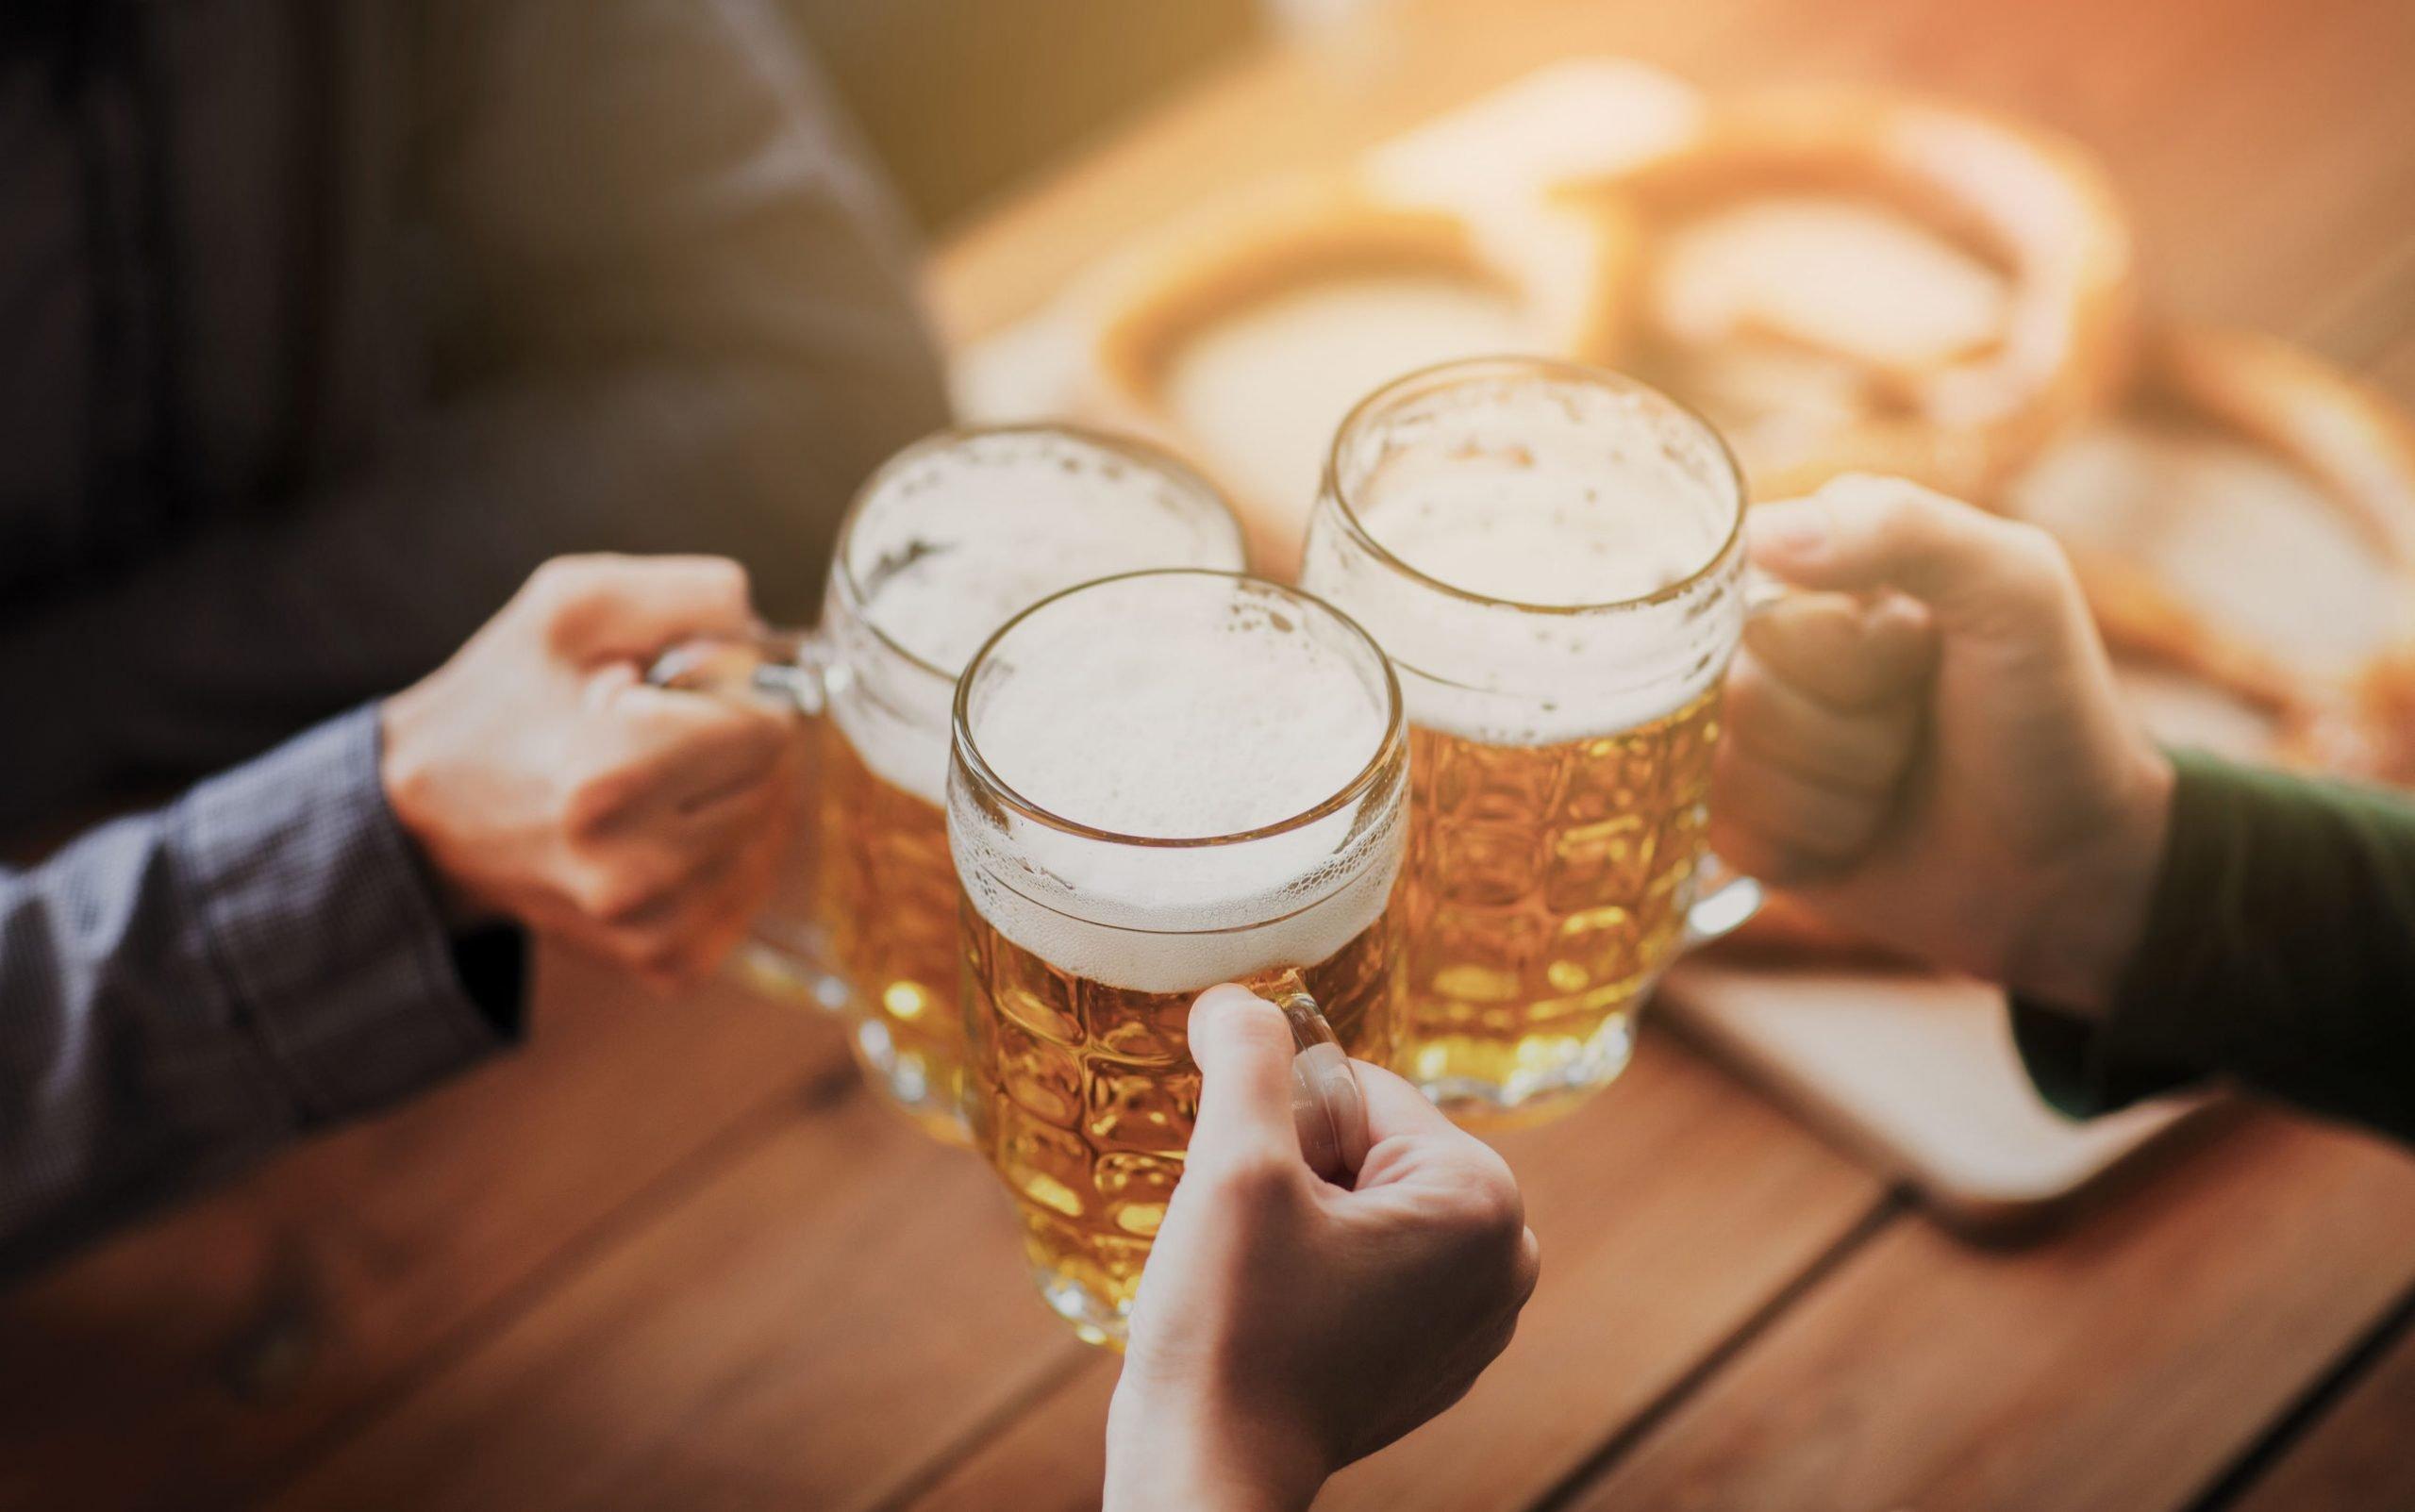 Branża piwowarska kończy rok 2020 naminusie. Akcyza ipodatek cukrowy dały osobie znać